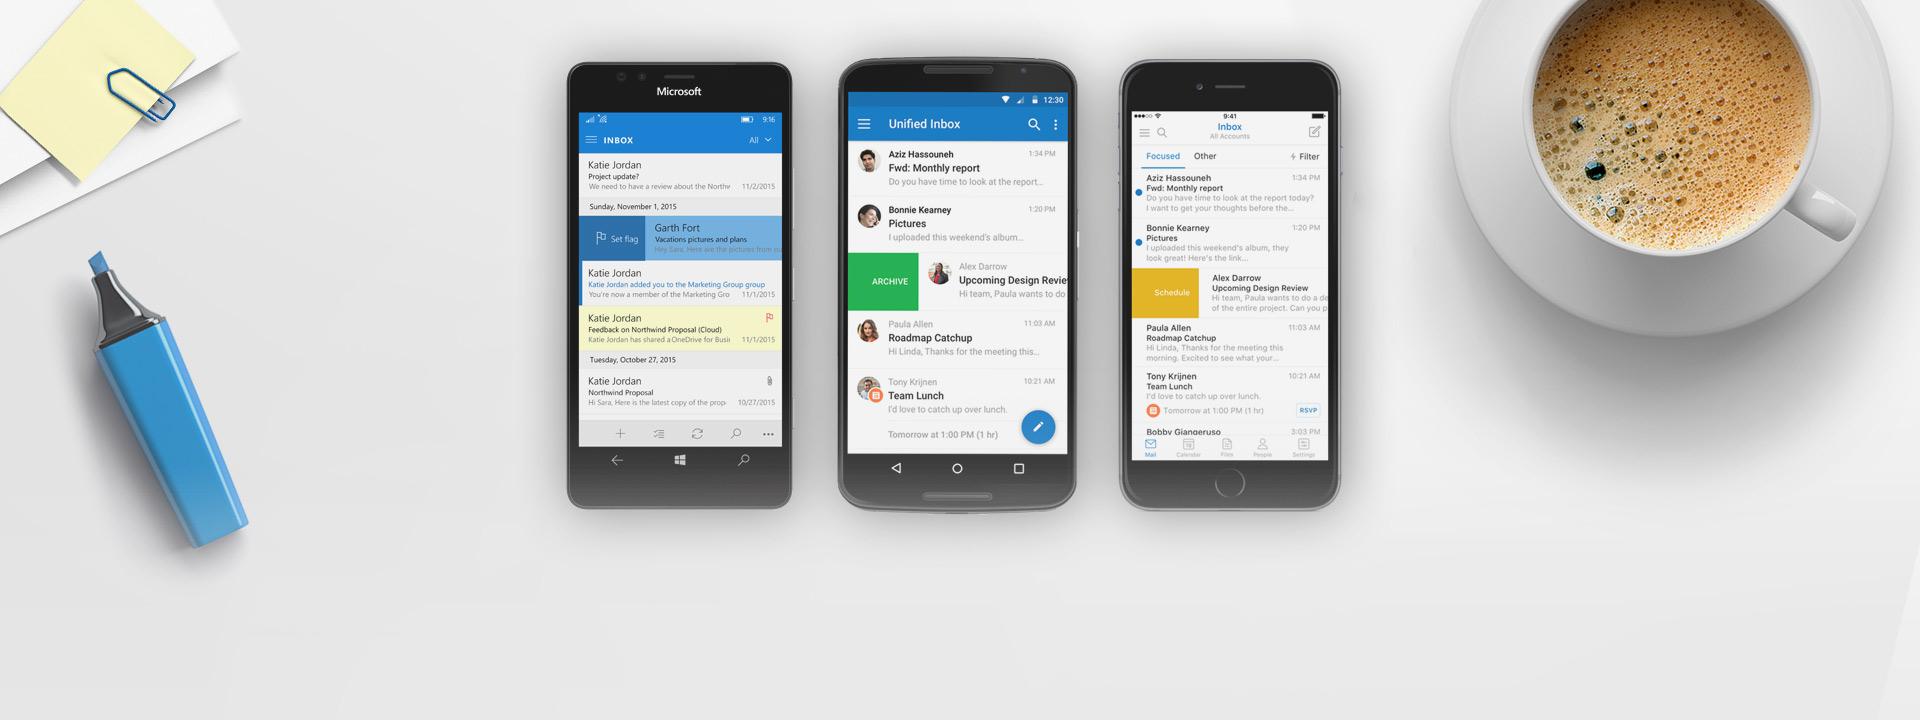 Un téléphone Windows Phone, iPhone et Android avec l'application Outlook sur les écrans